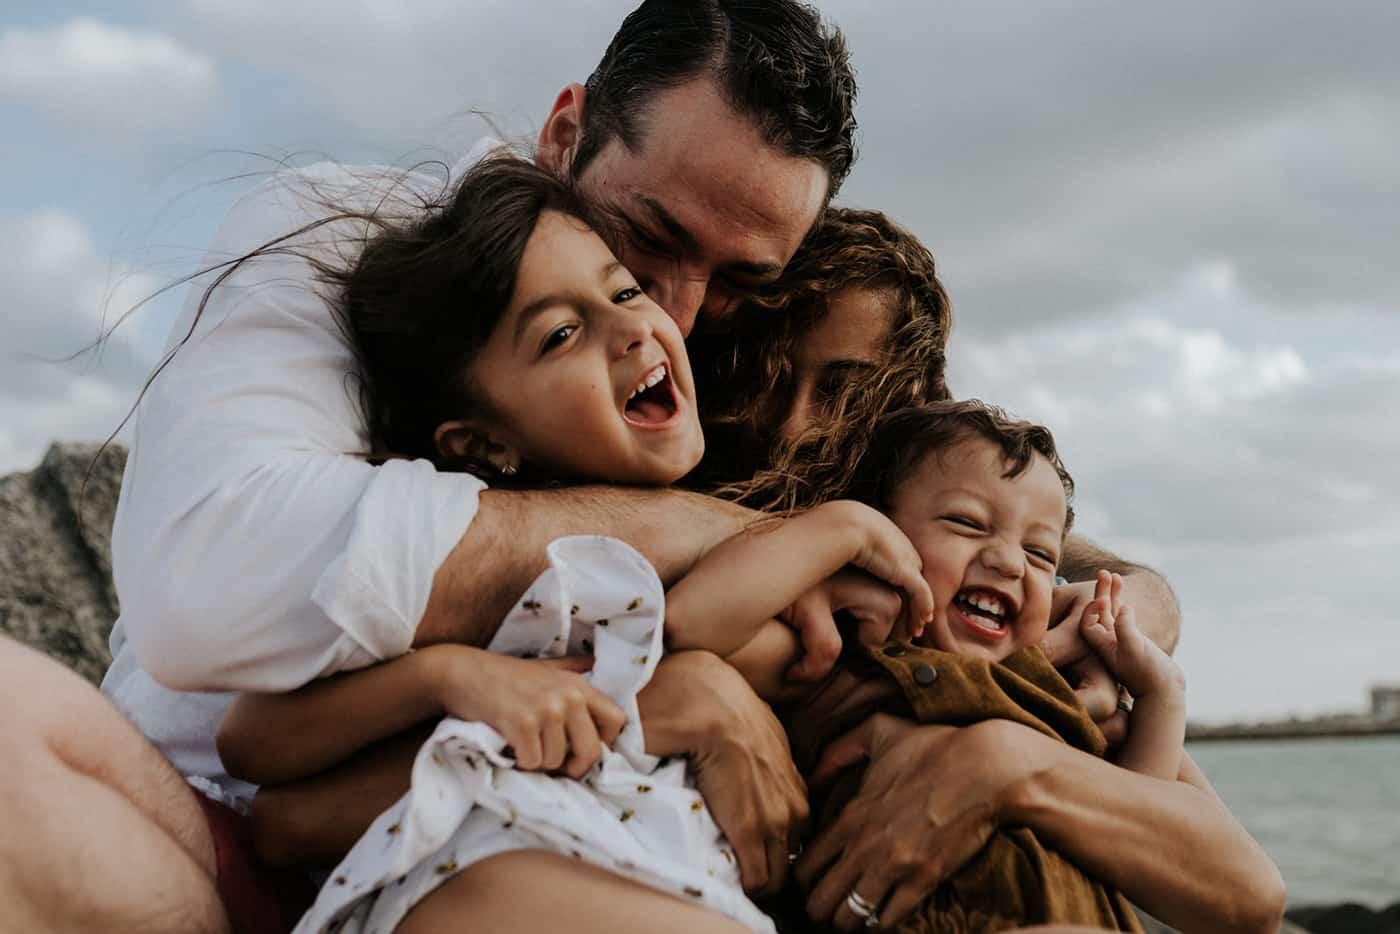 Family Photographer North Carolina